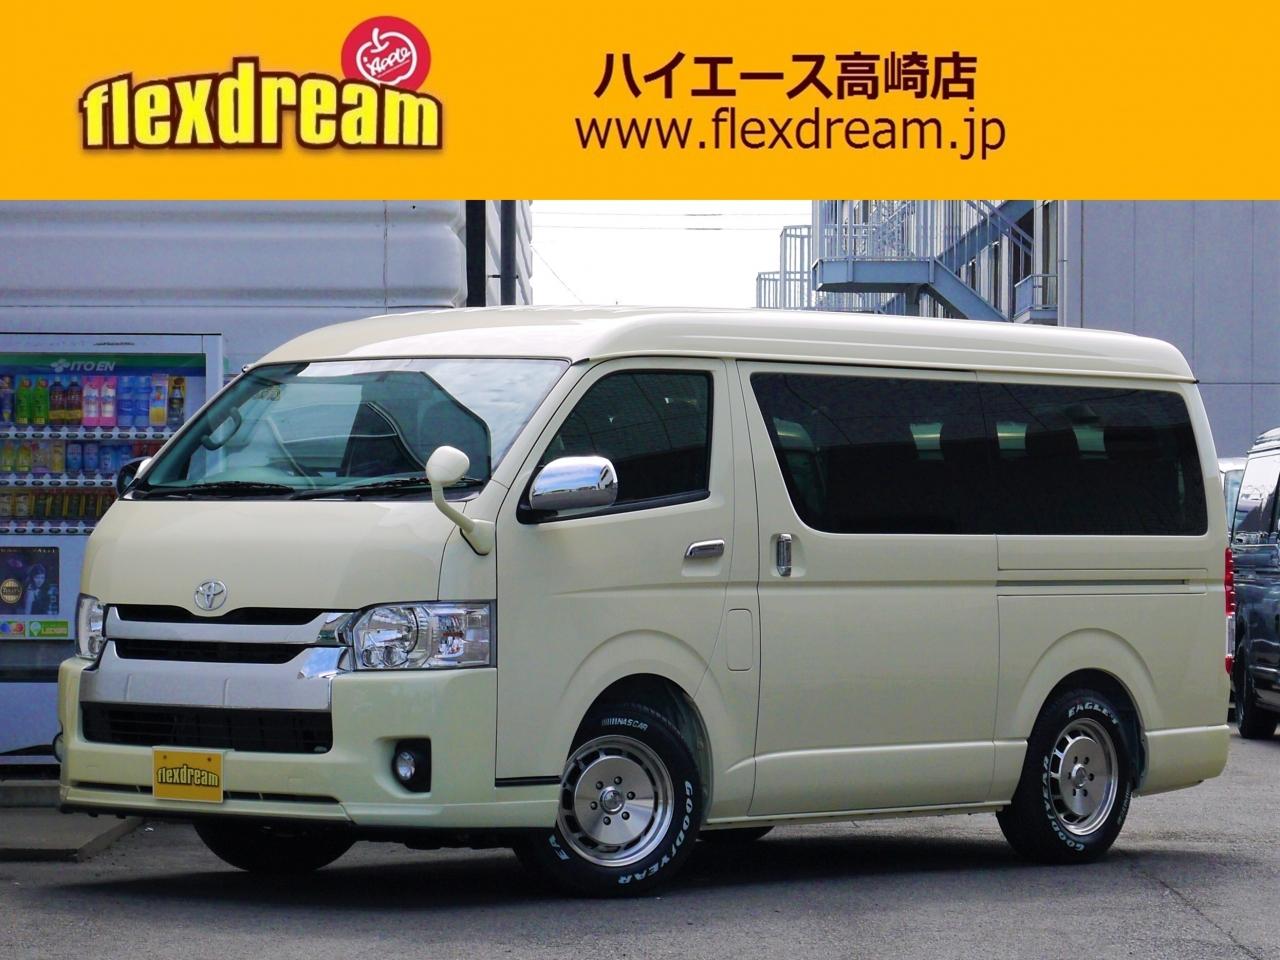 新車ハイエースワゴンGL 4WD FD-BOX0 別注ライトイエロー